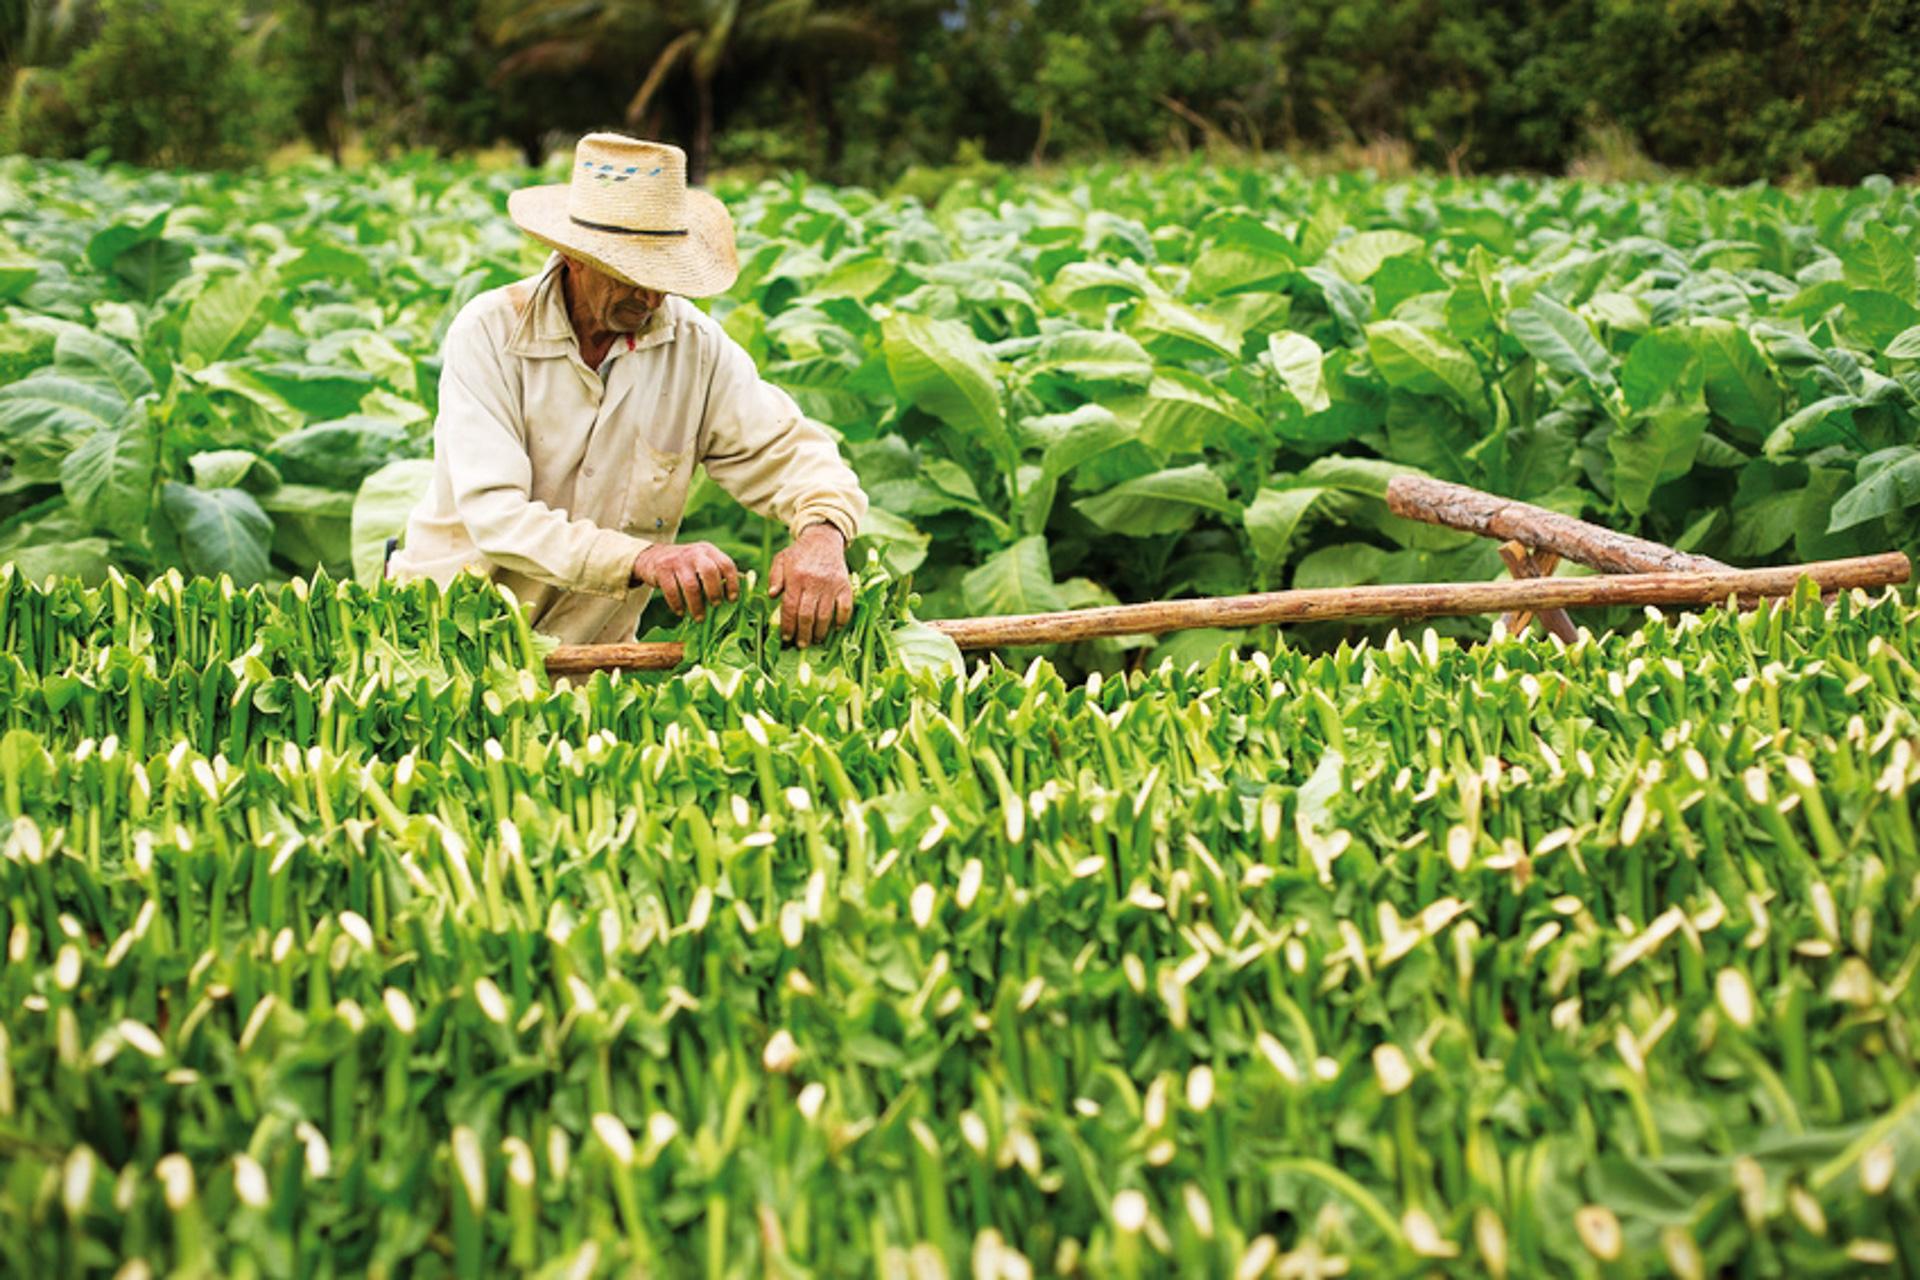 Tabakernte in Kuba